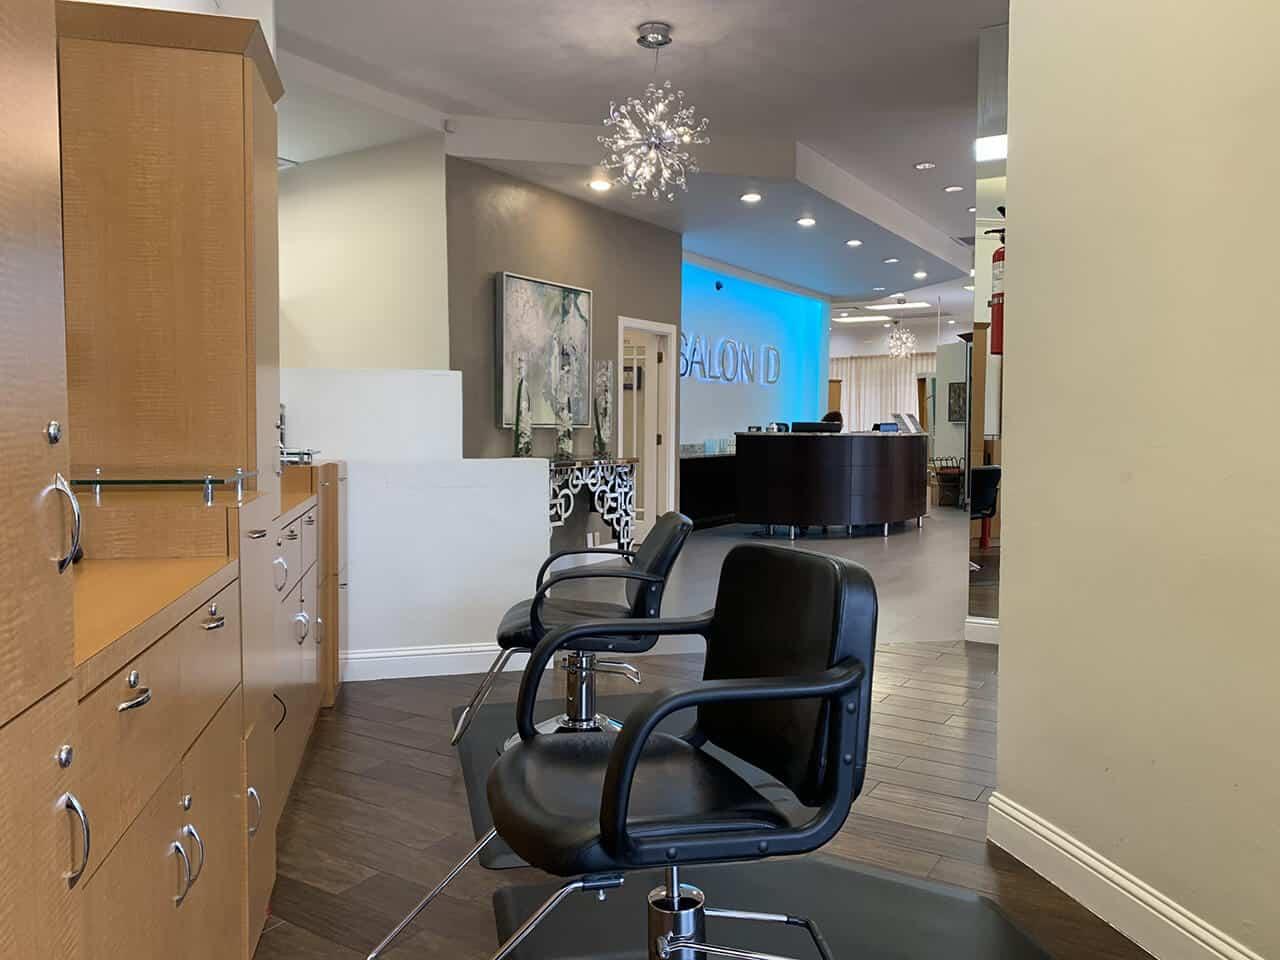 Salon D Dallas